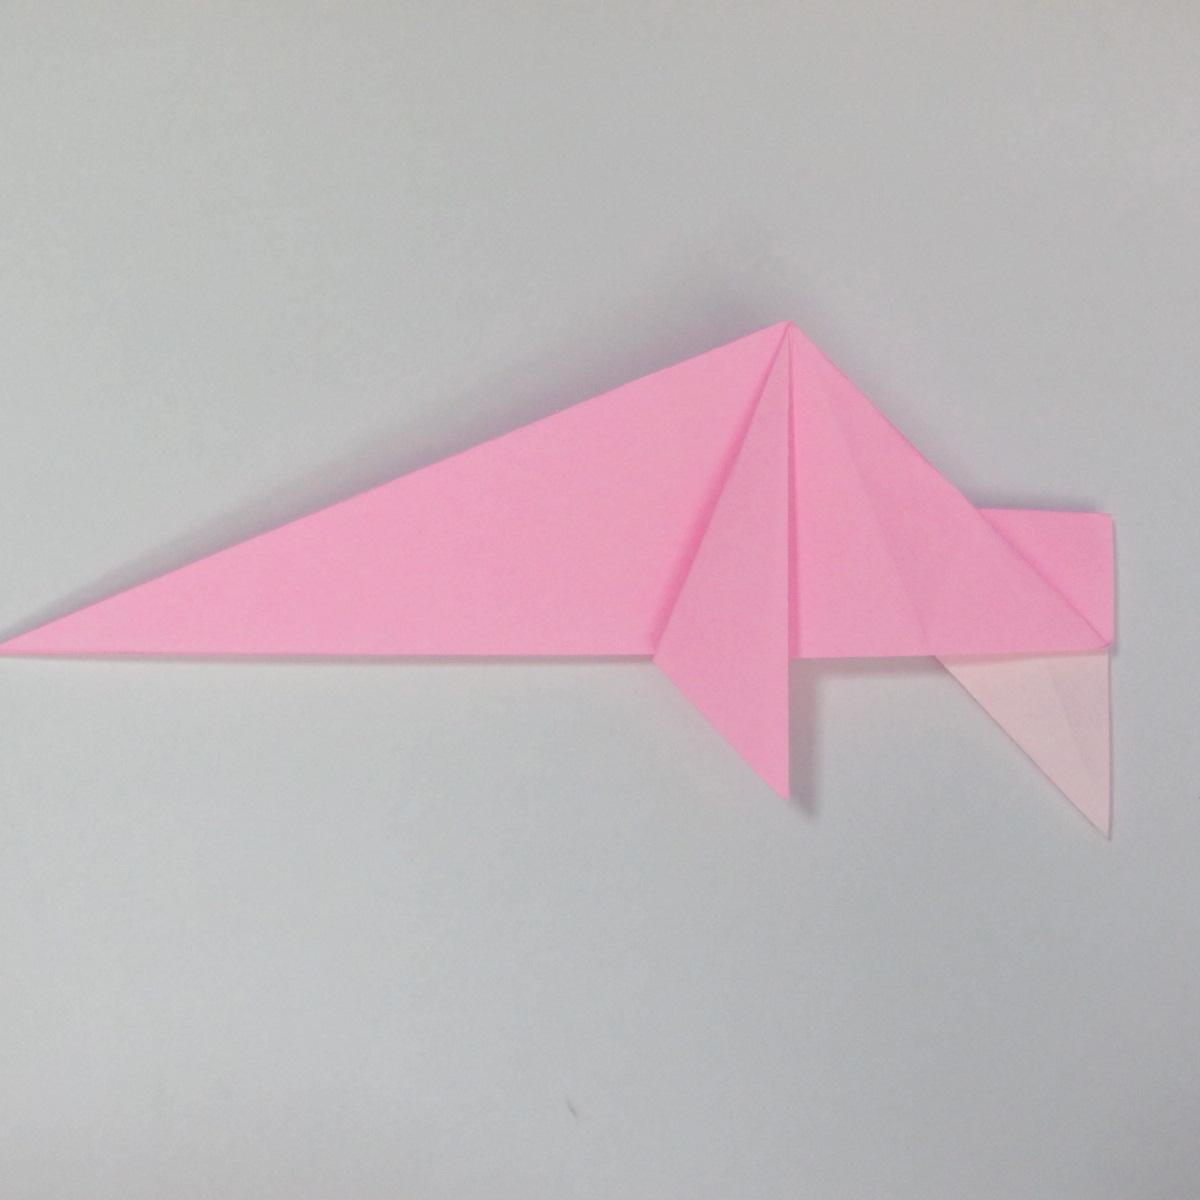 สอนการพับกระดาษเป็นลูกสุนัขชเนาเซอร์ (Origami Schnauzer Puppy) 041